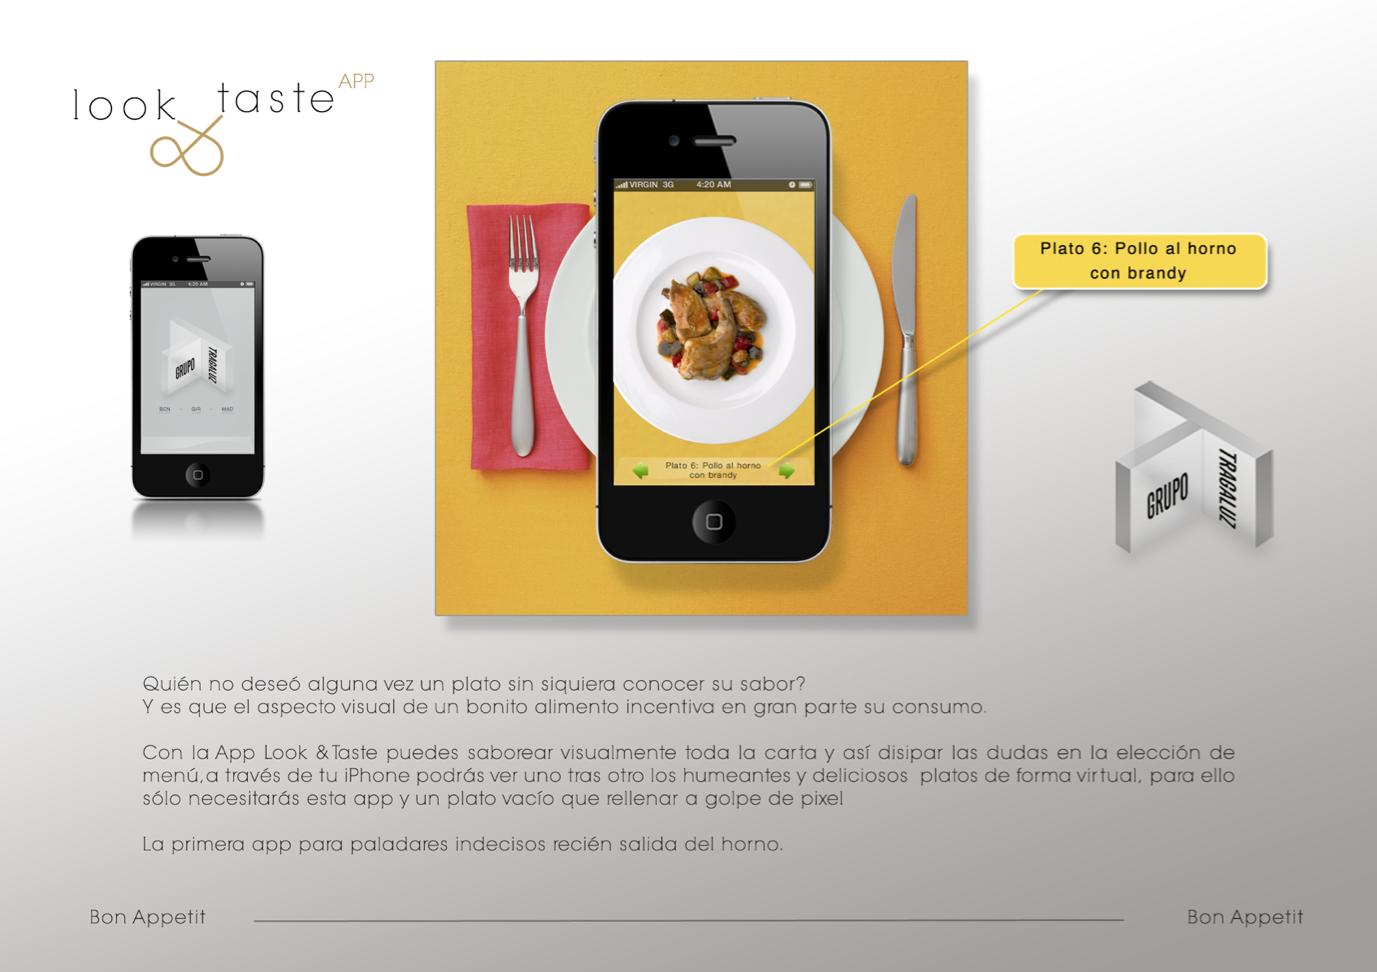 App look y taste (tragaluz)